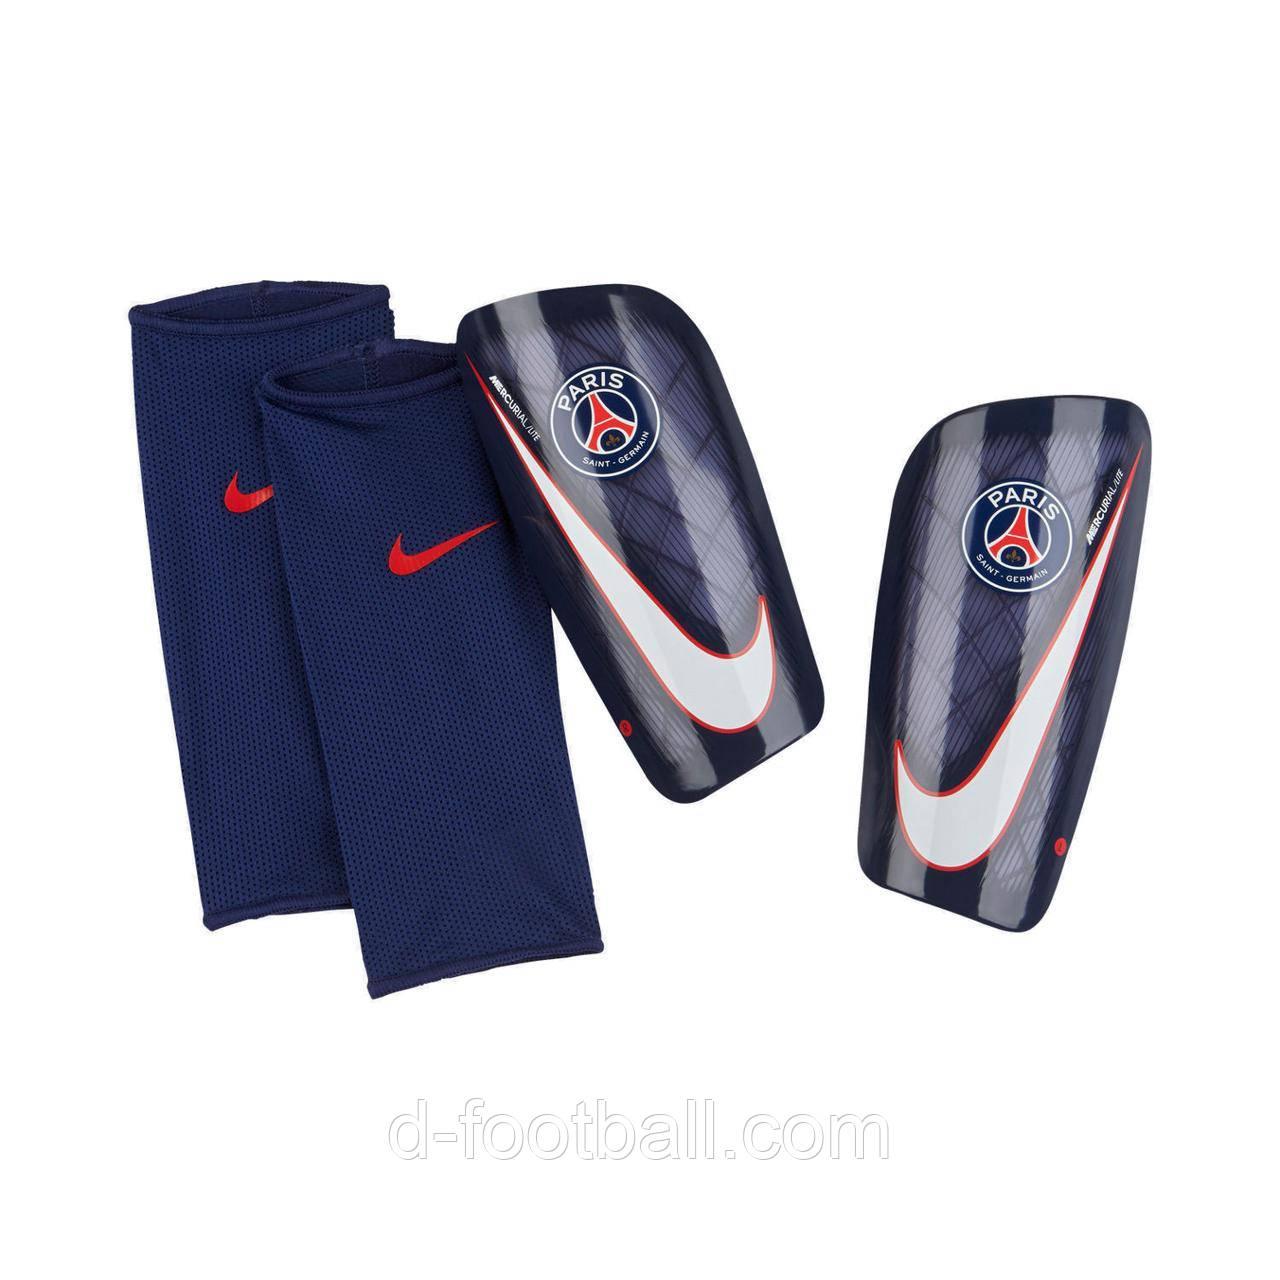 4952f56dd294 Футбольные щитки Nike Mercurial Lite SP2113-488 купить, цена в ...